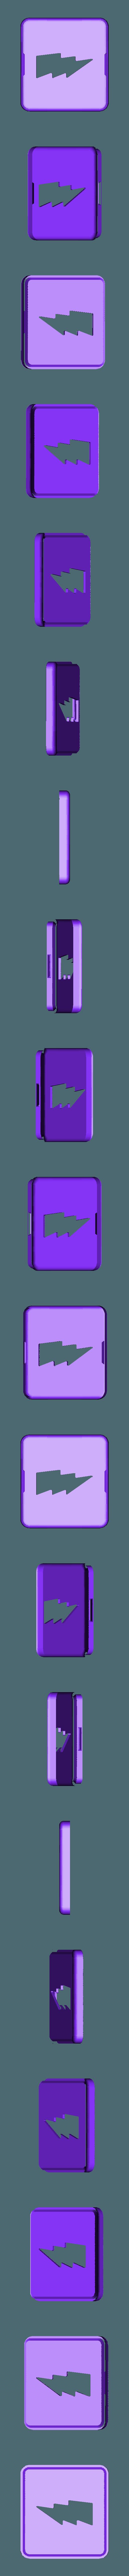 CSS-top-bolt.stl Download free STL file Hand Crank Solder Dispenser • 3D printable design, Adafruit